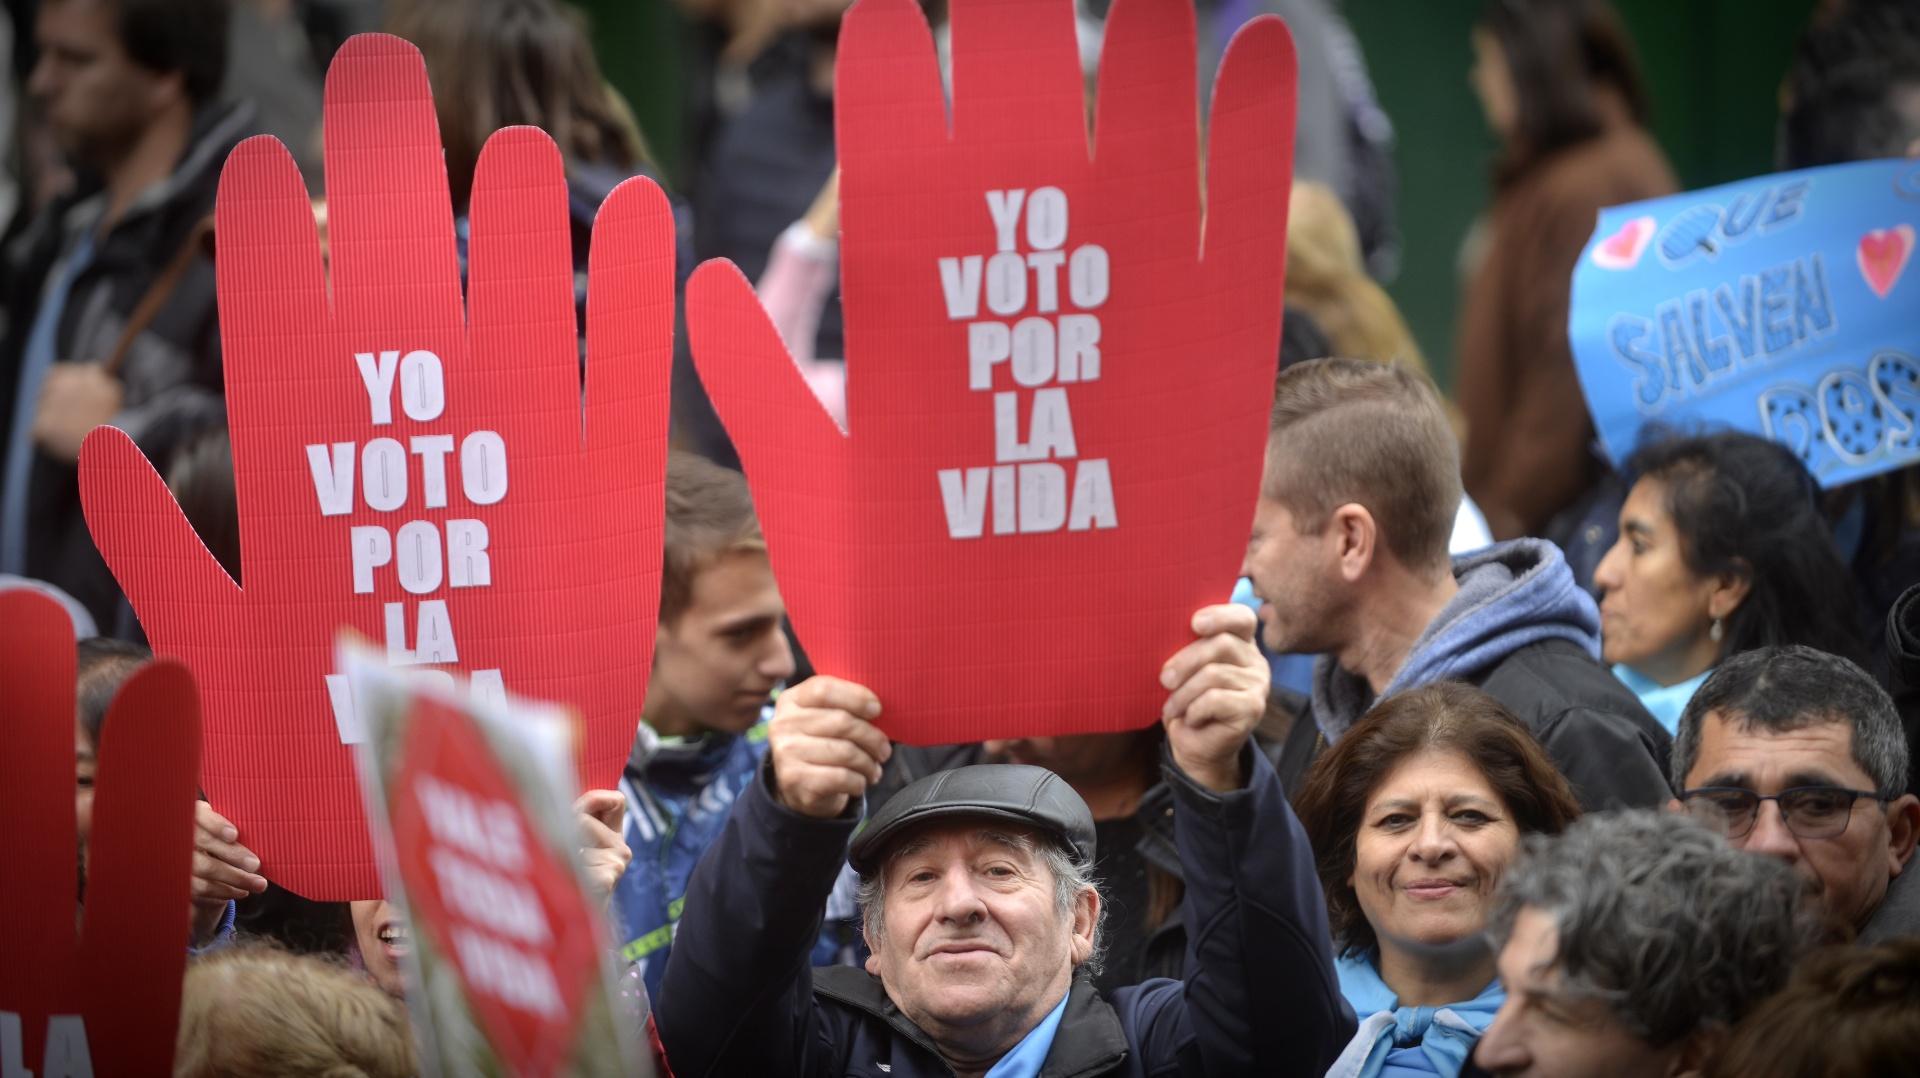 Resultado de imagen para Voto histórico en el Congreso argentino sobre la despenalización del aborto